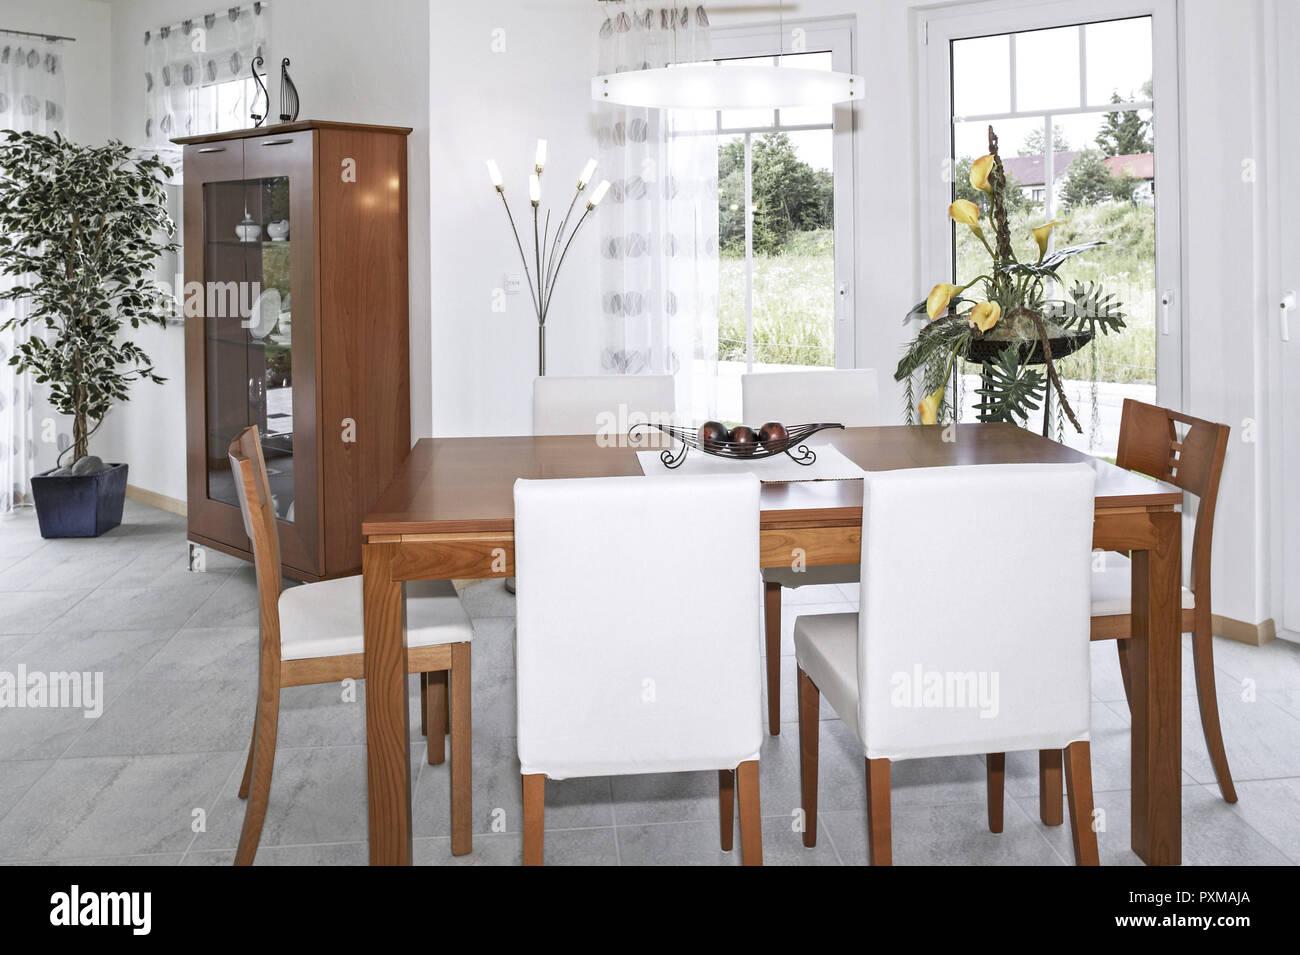 Möbel Für Esszimmer : Easy möbel esszimmer komplett set a marousi teilig farbe